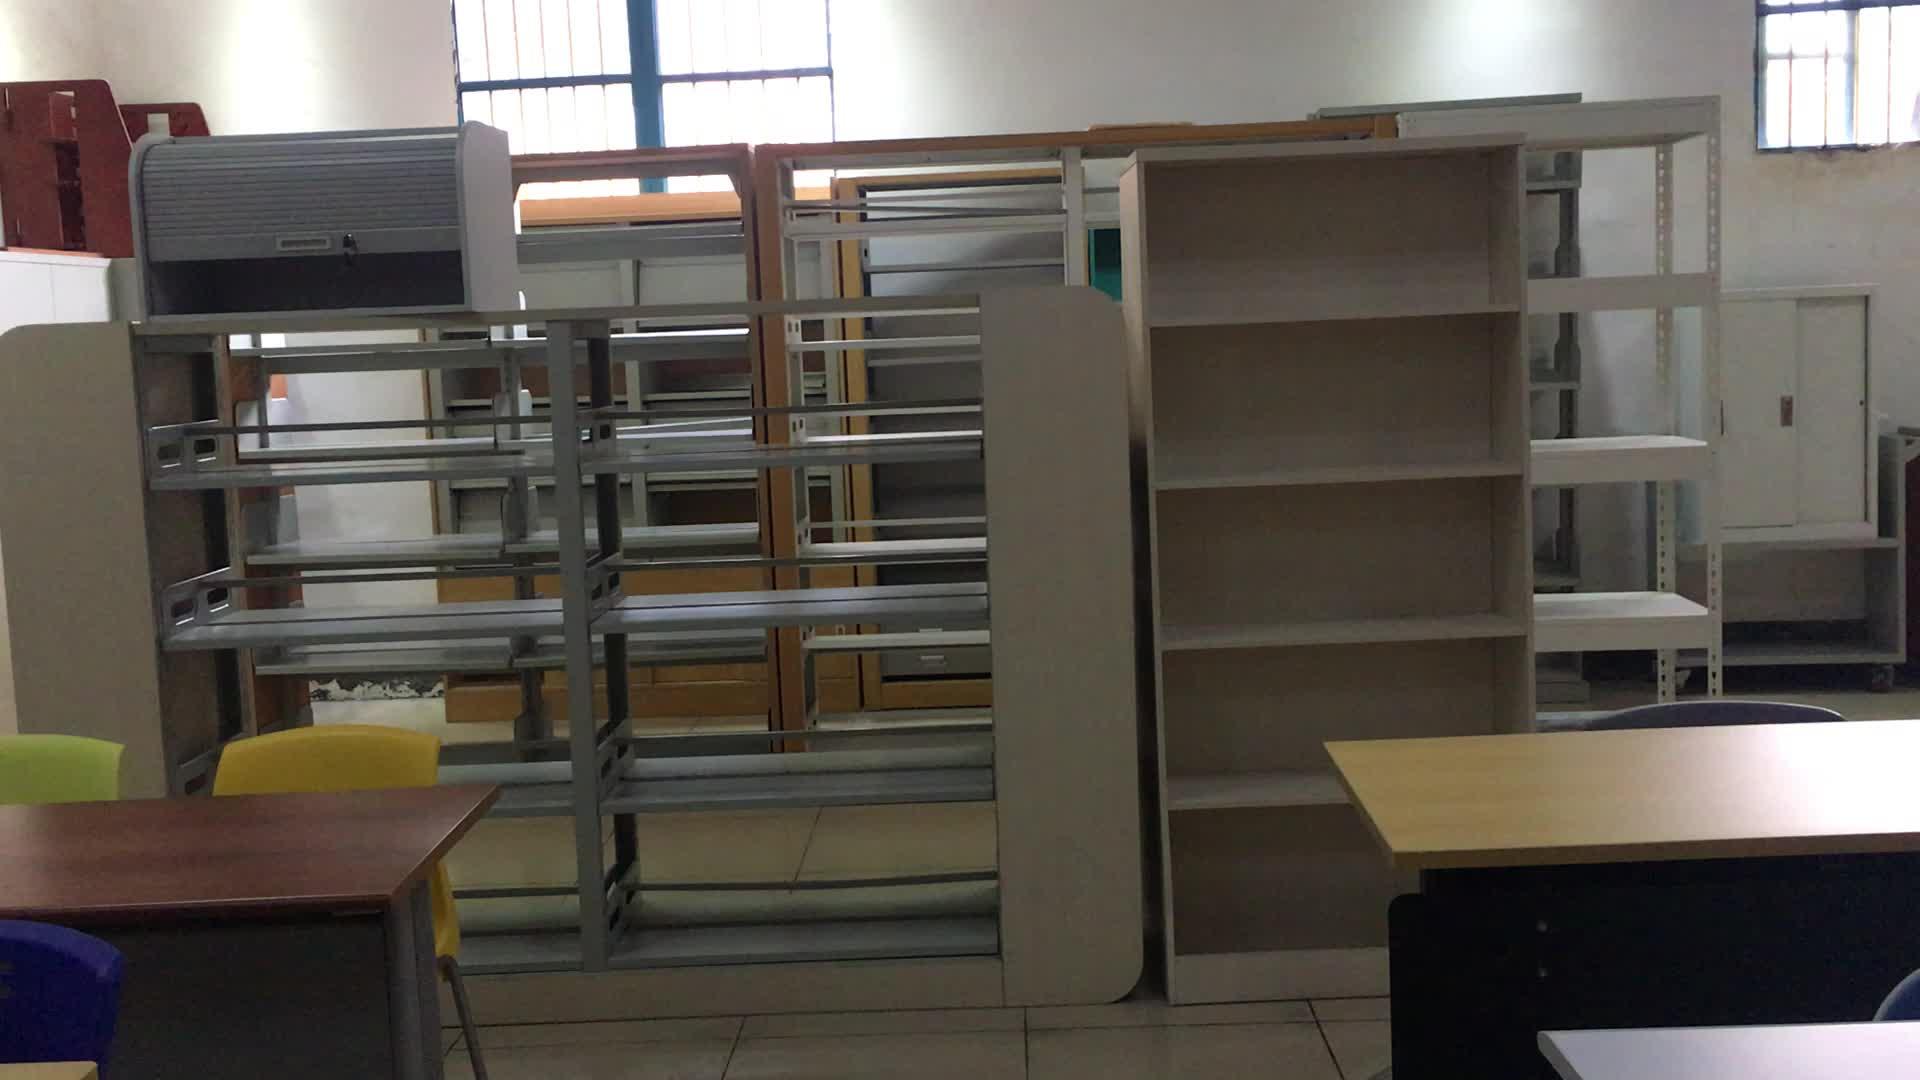 Bibliotheek boekenplanken gebruikt, brandwerende houten boekenplank